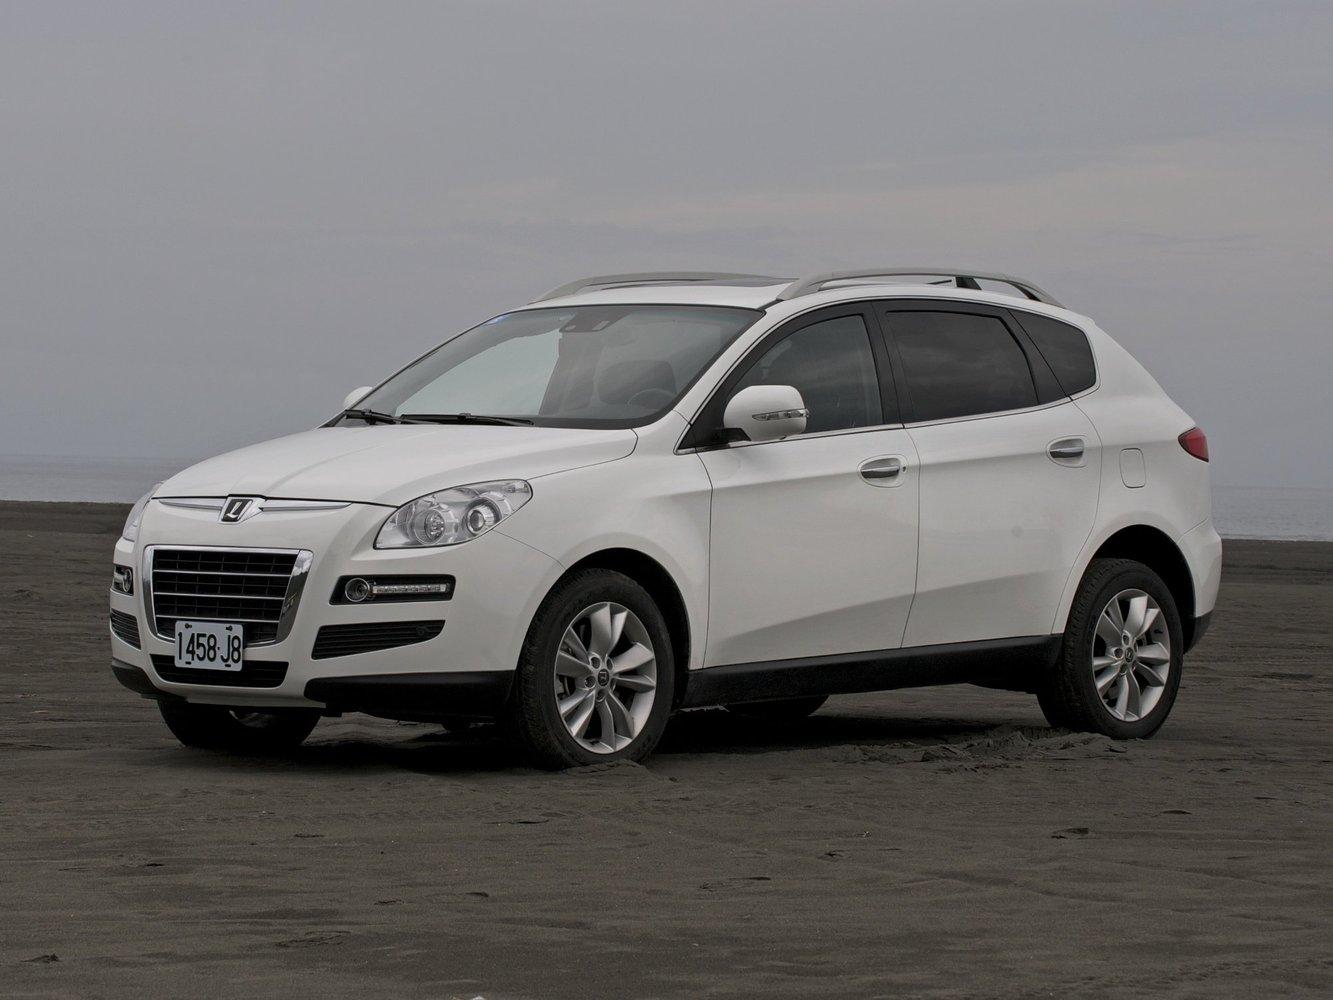 luxgen Luxgen Luxgen7 SUV